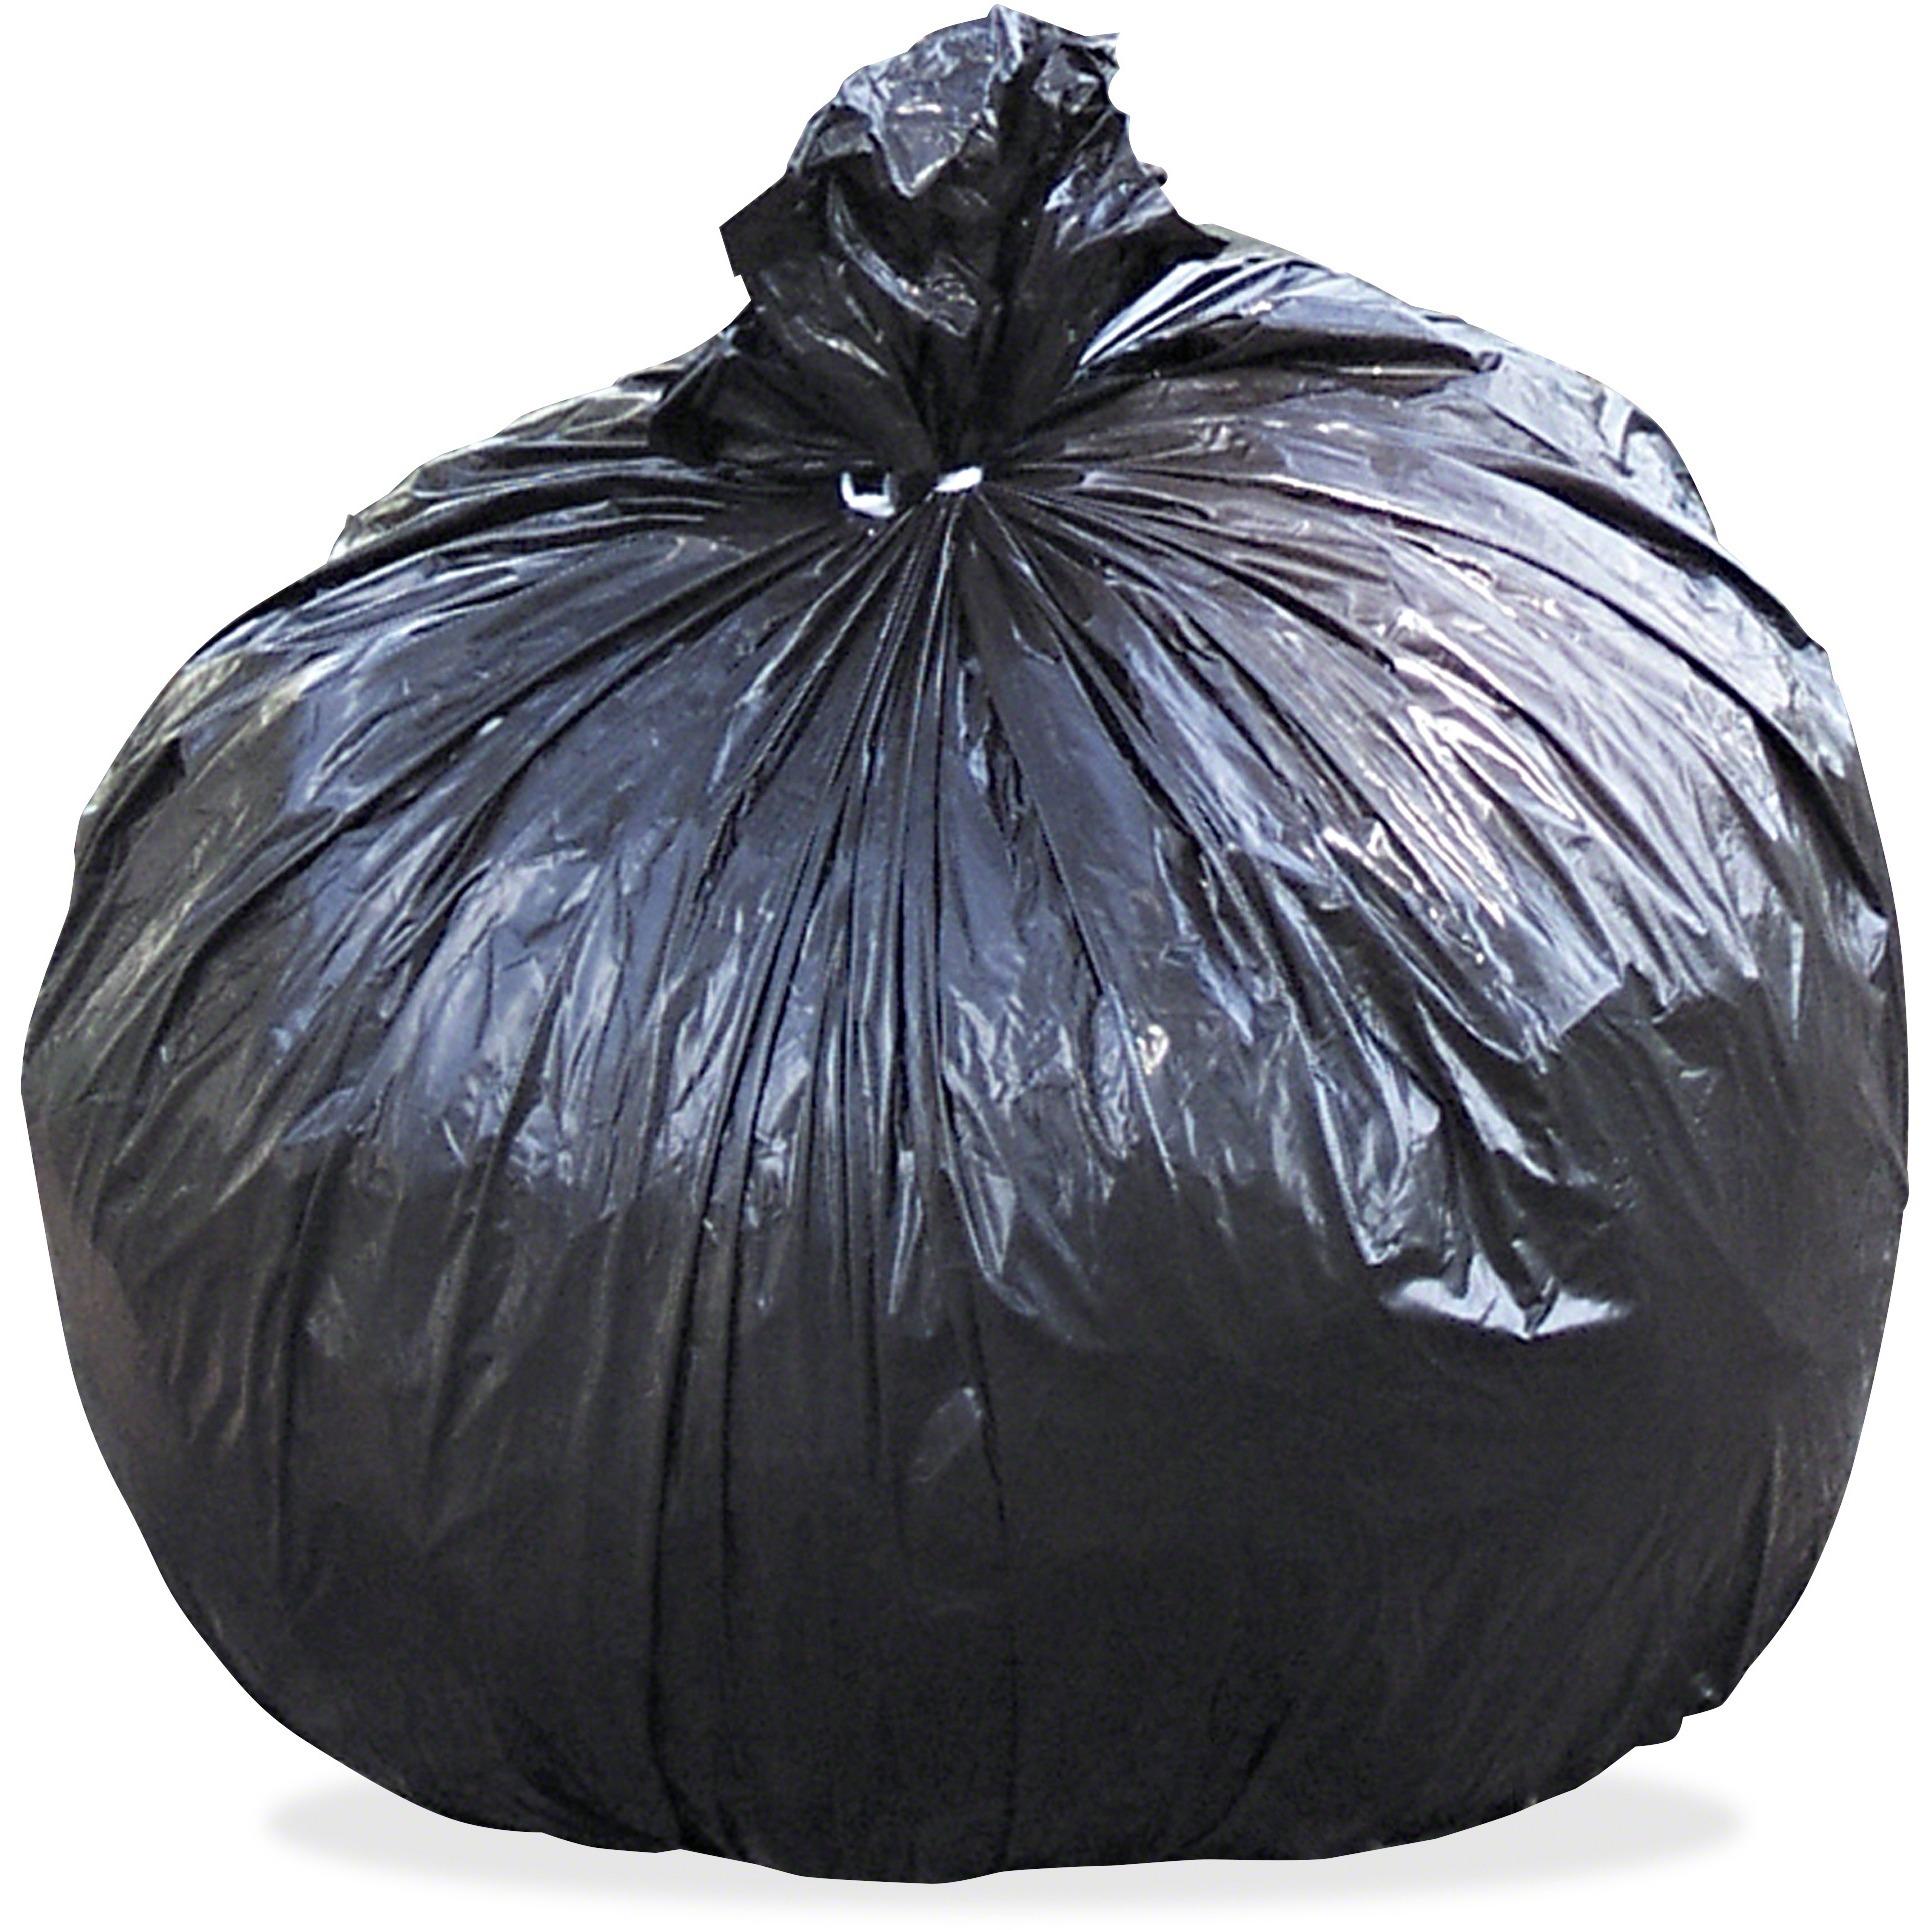 100% Recycled Plastic Garbage Bags, 20-30gal, 1.3mil, 30x39, Brown/Black, 100/CT